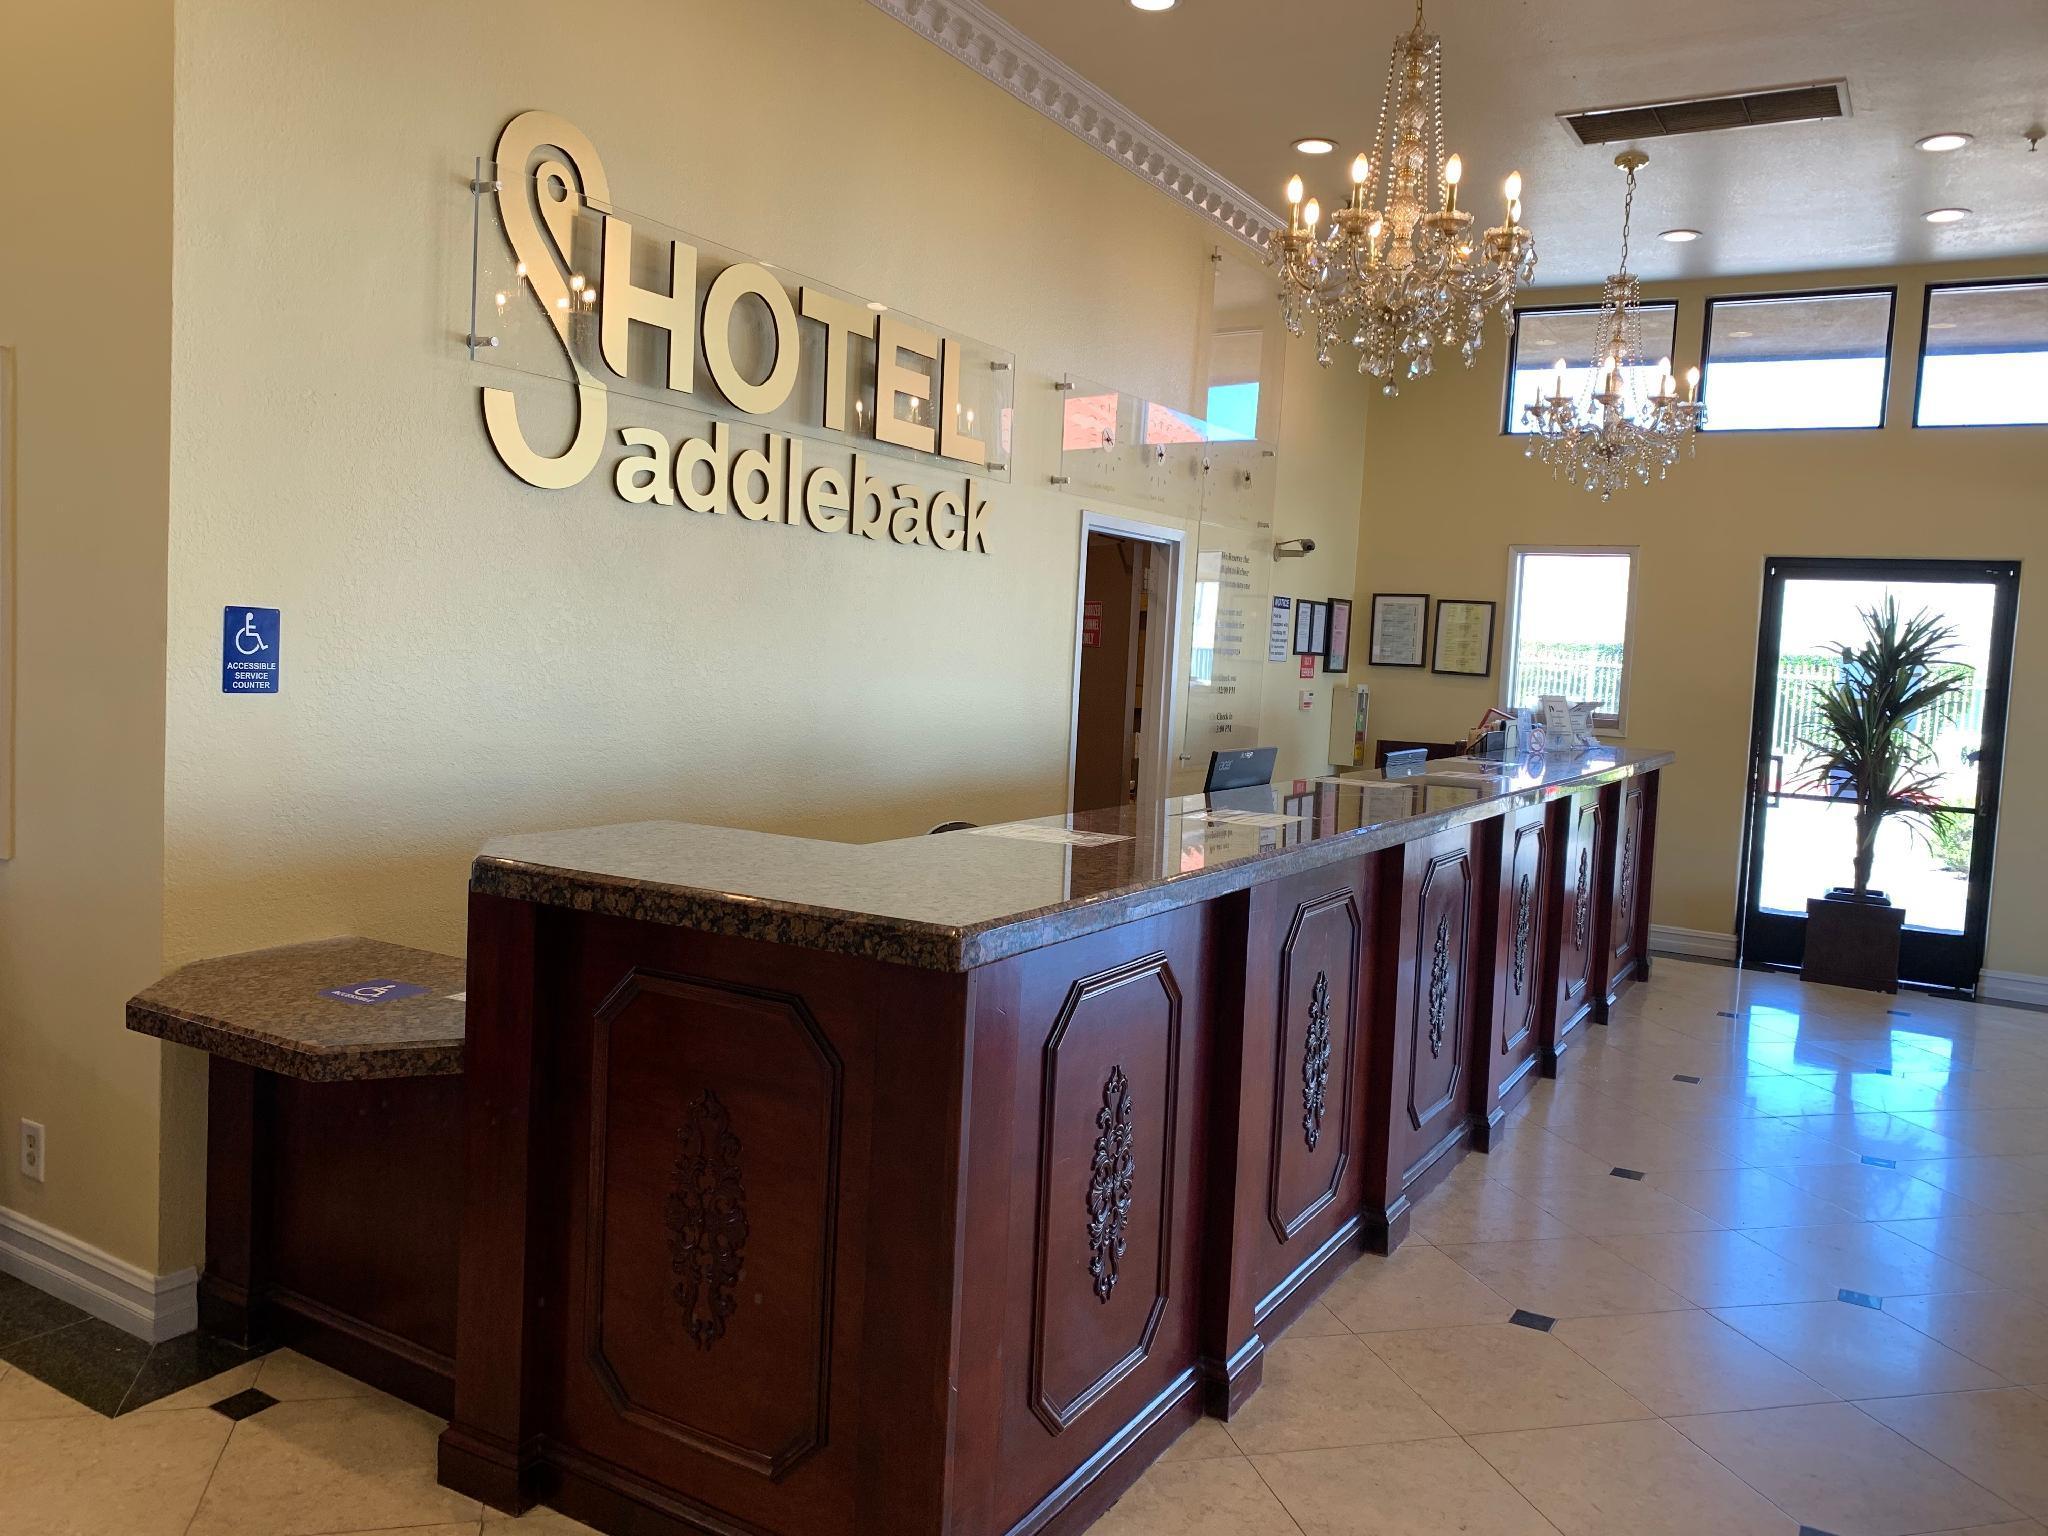 Hotel Saddleback